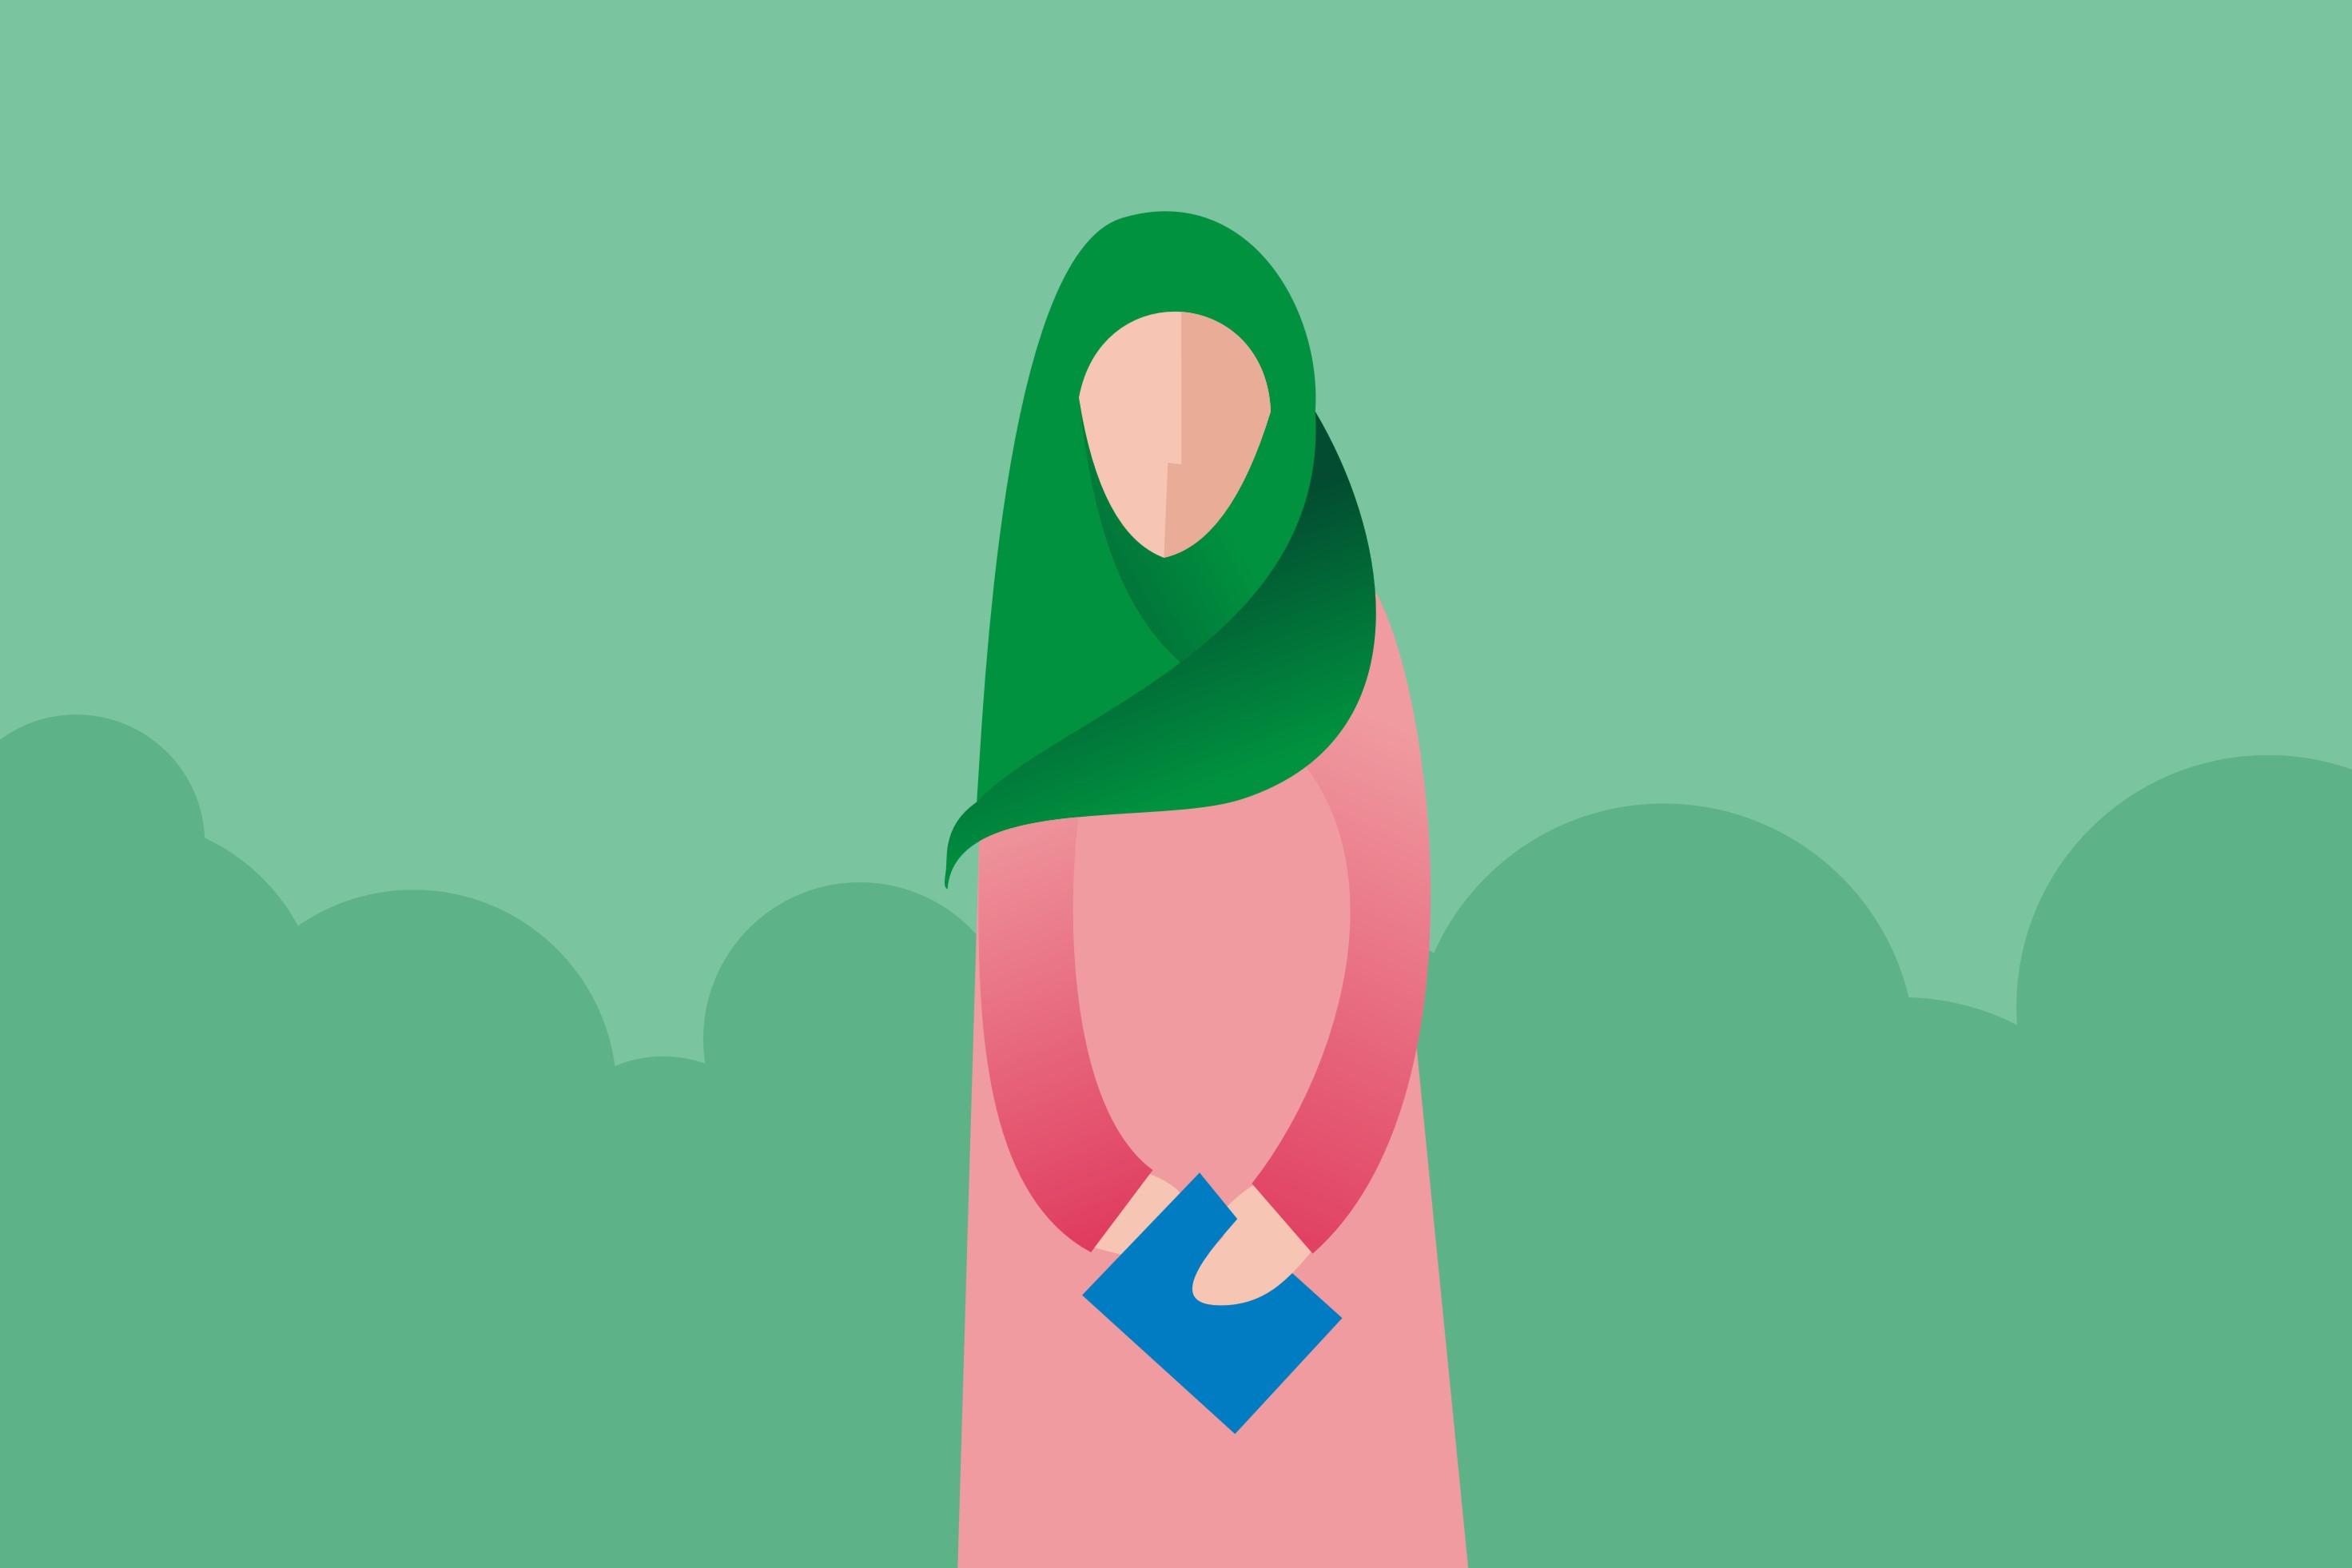 Ini 5 tips simpel merawat jilbab segi empat paris, pelajari ya ladies!